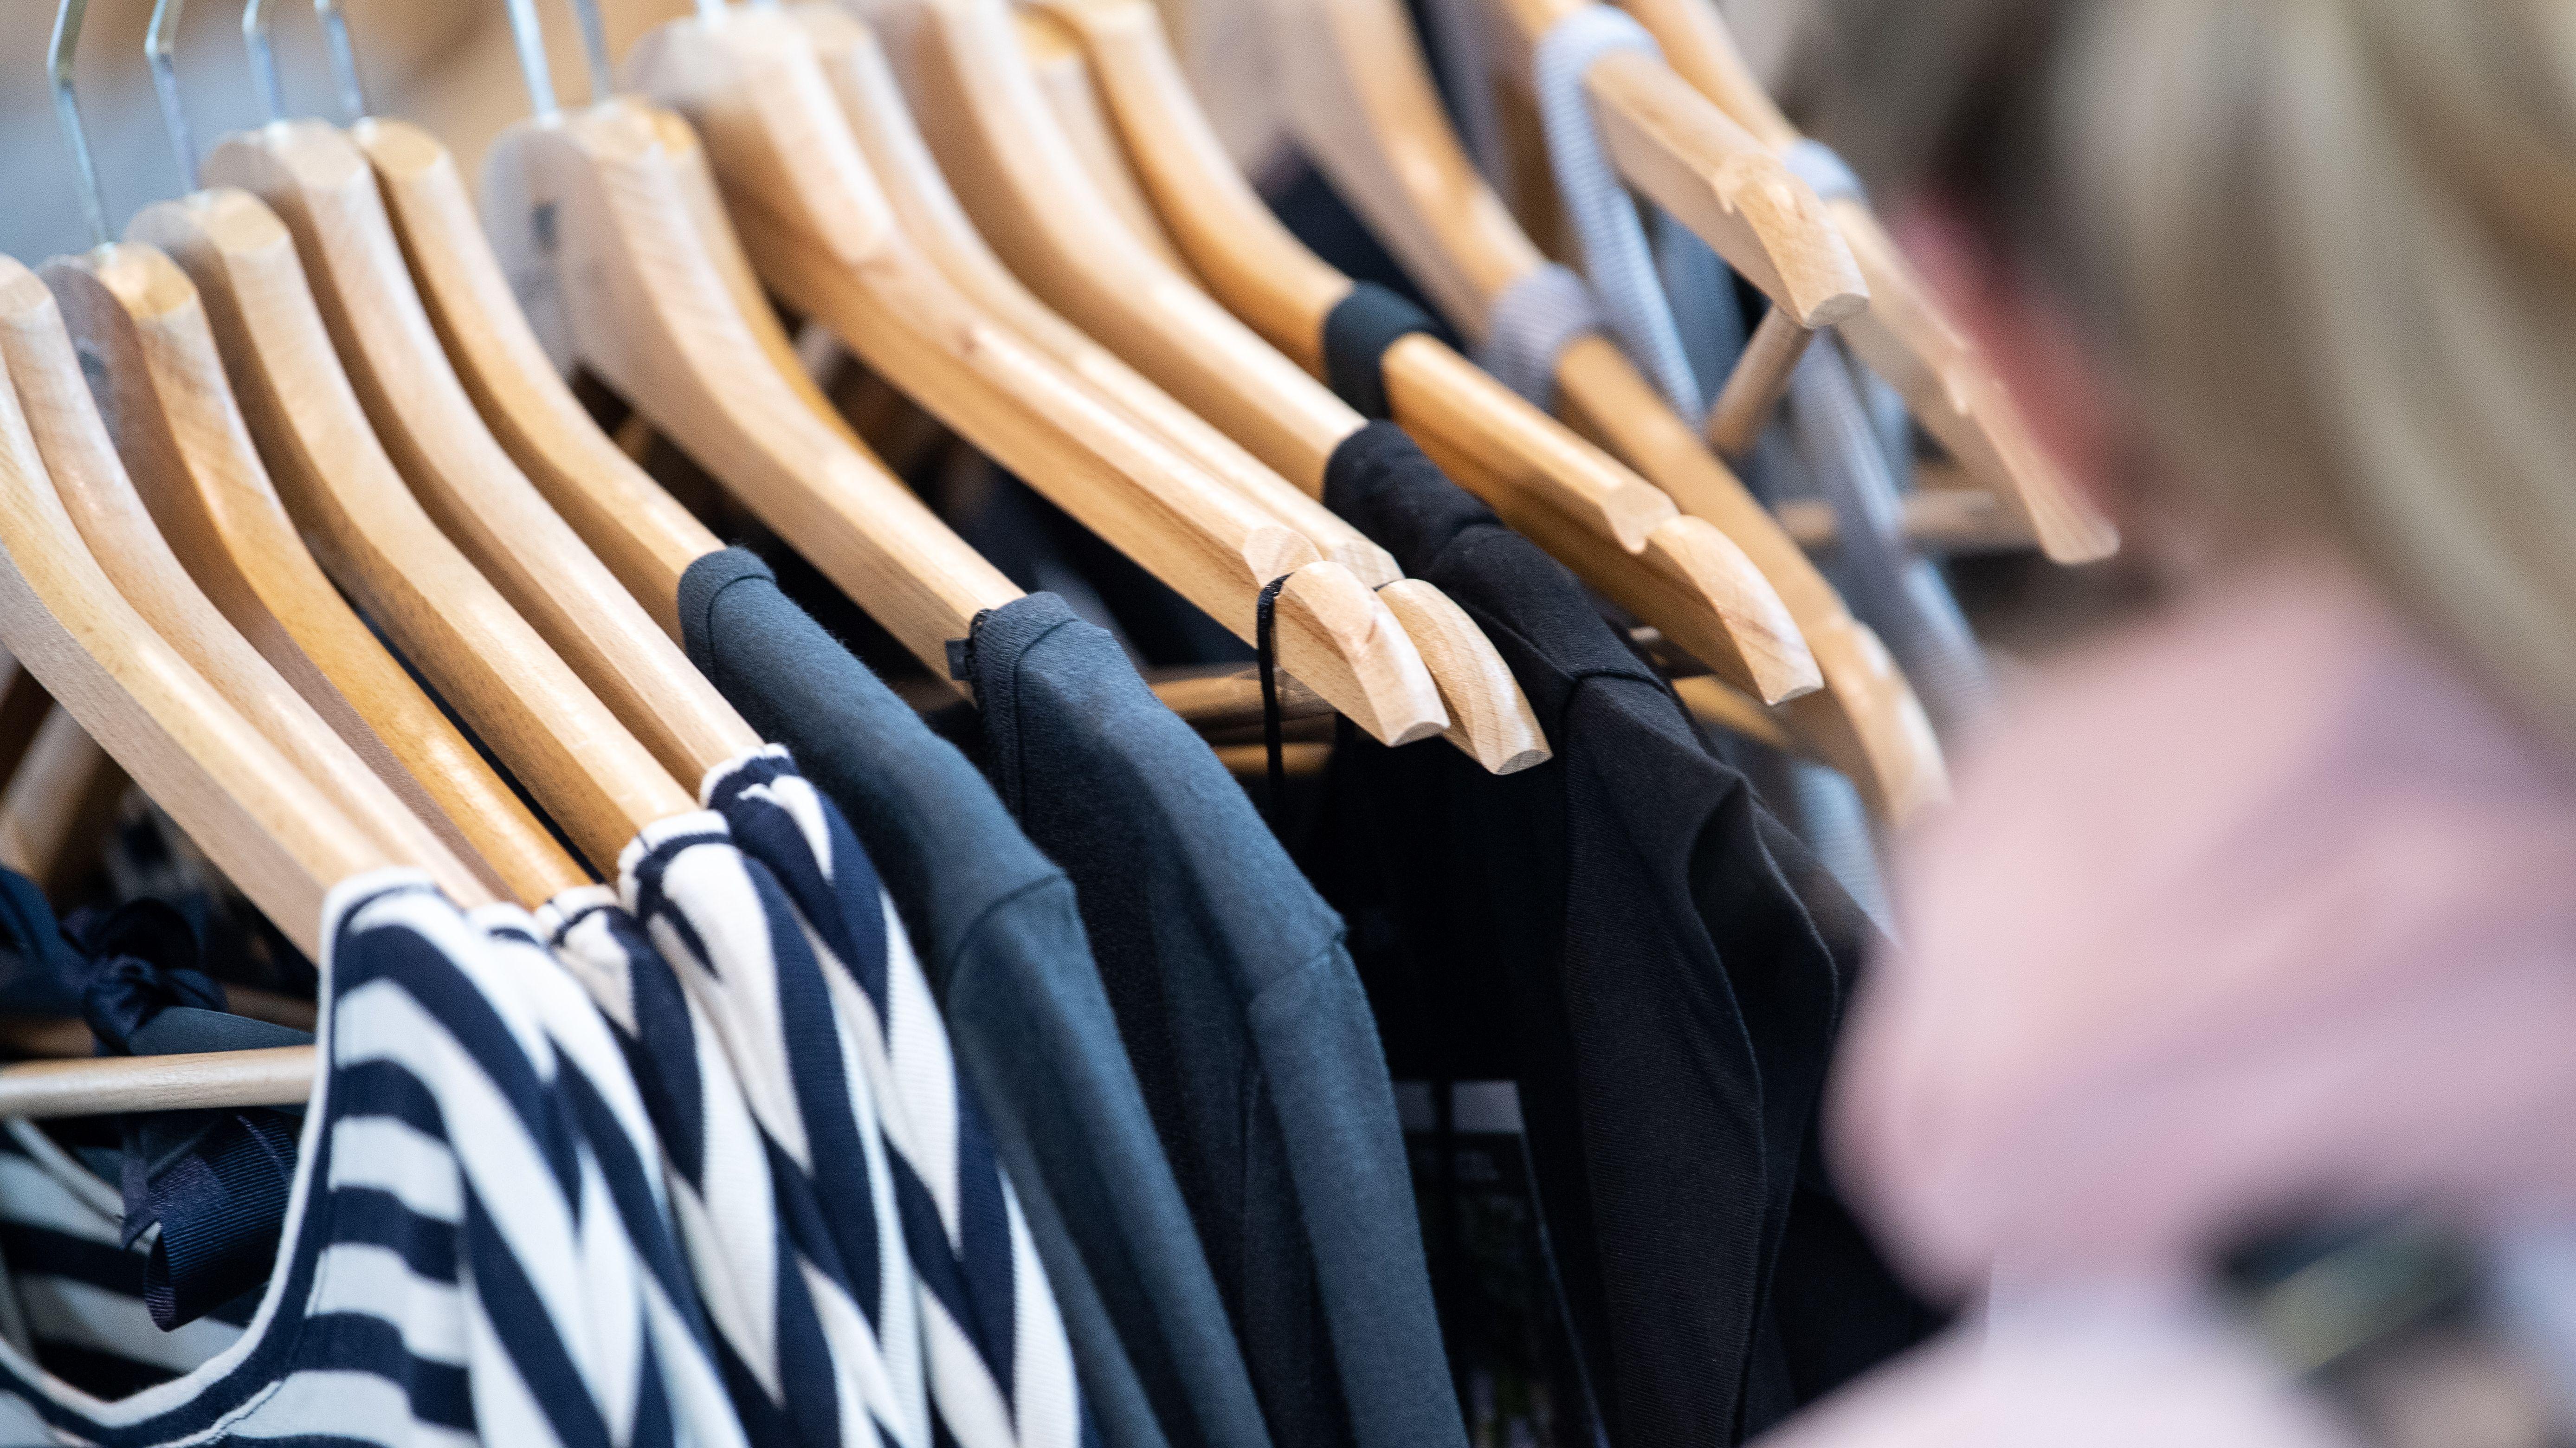 Oberteile auf hölzernen Kleiderbügeln: der Trend geht zu nachhaltig produzierter Mode.